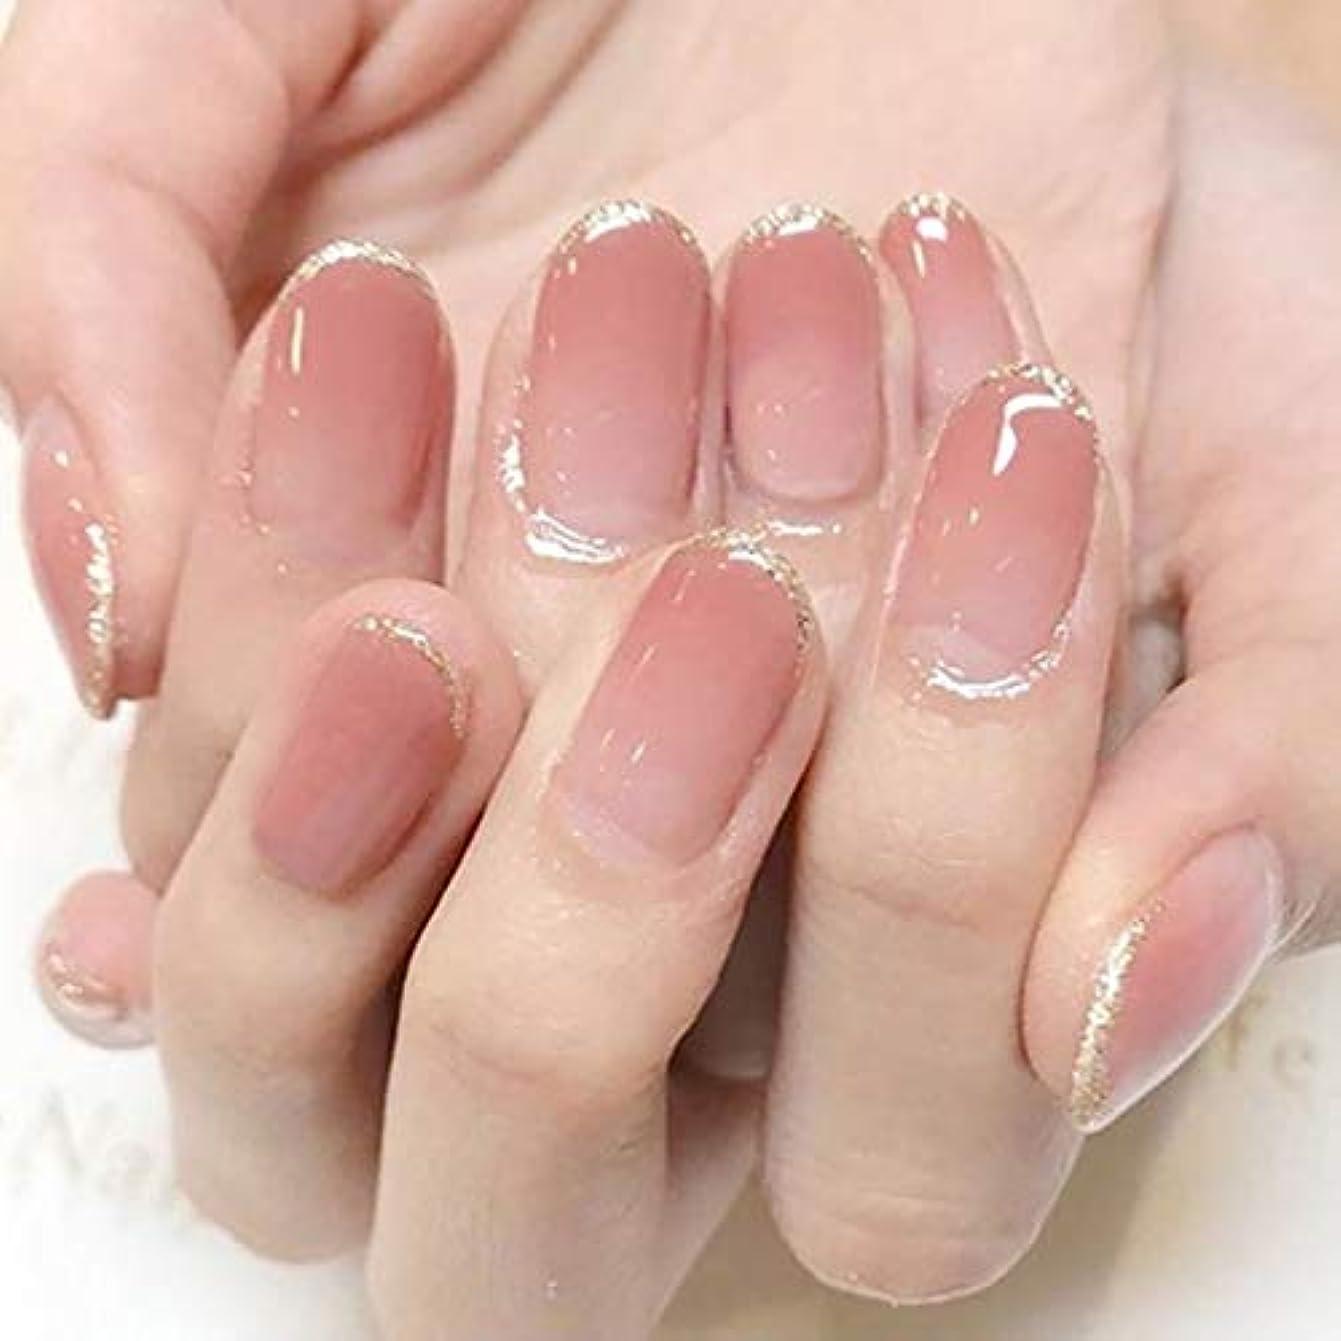 違法ナビゲーションレッドデートXUTXZKA クリーム色の段階的な純粋な色の爪の女性のファッションシャイニングゴールドフルネイルのヒント女性のネイルデコレーション